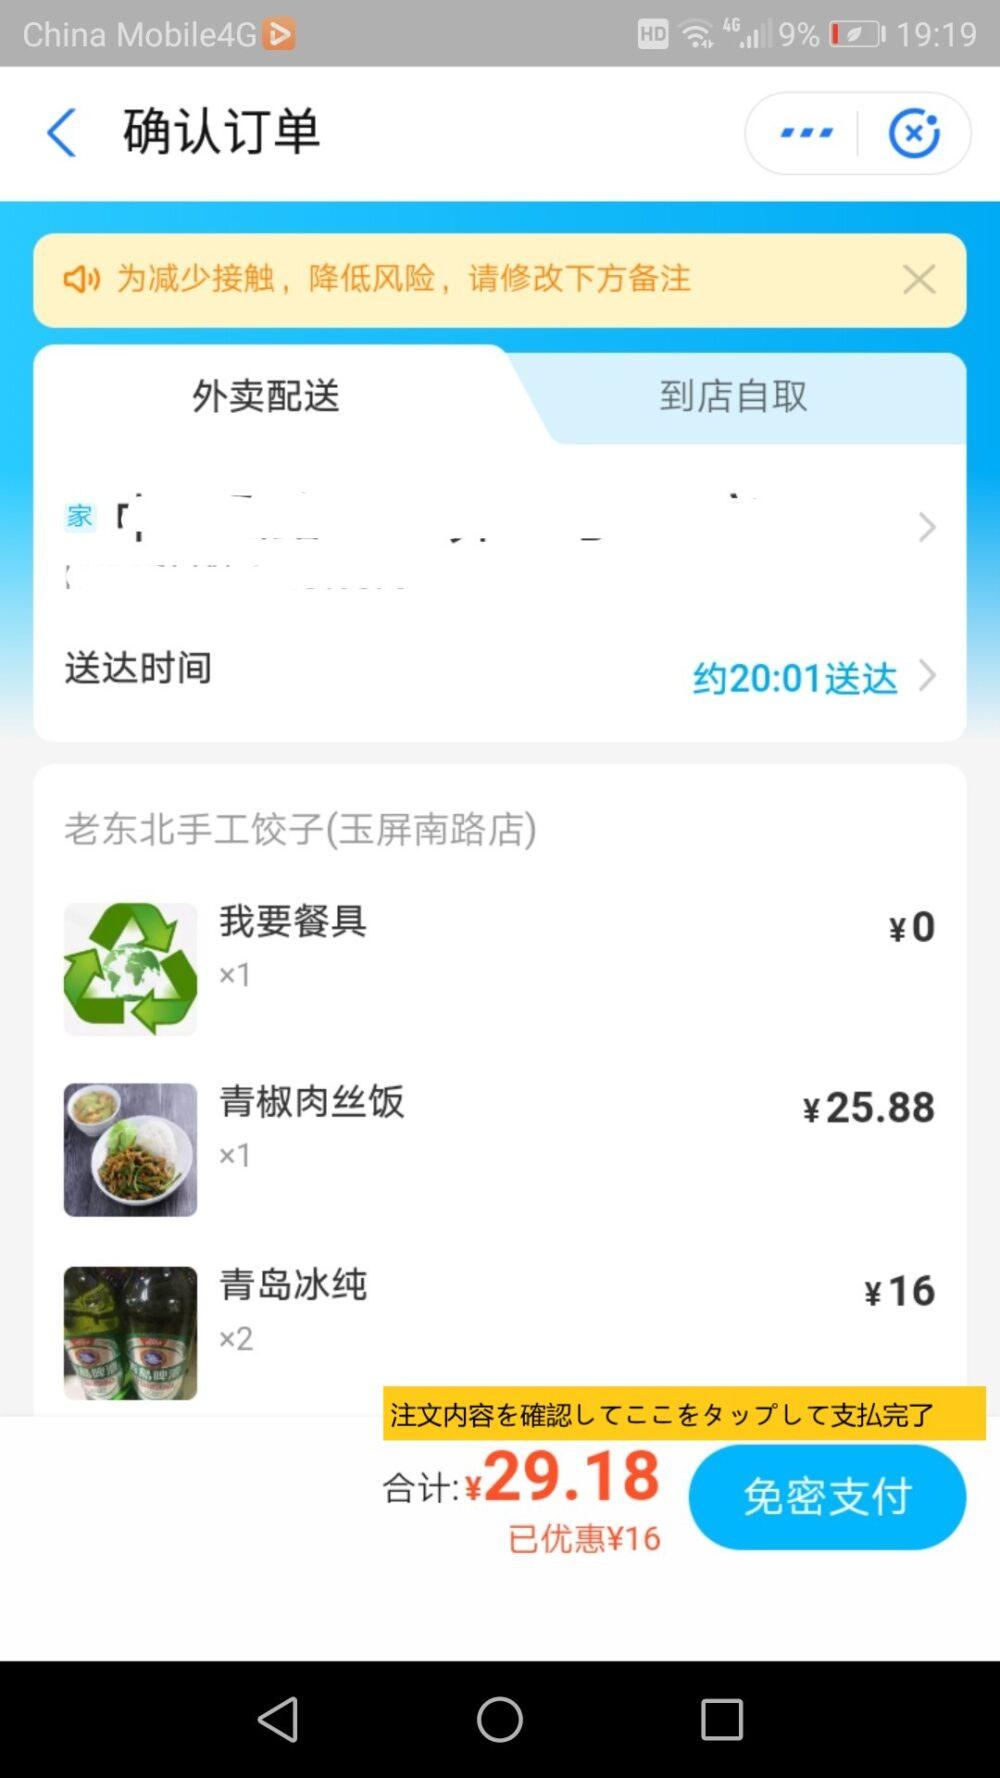 フードデリバリーアプリの饿了么で最終の注文内容を確認してから支払いと移る画面のスクリーンショット